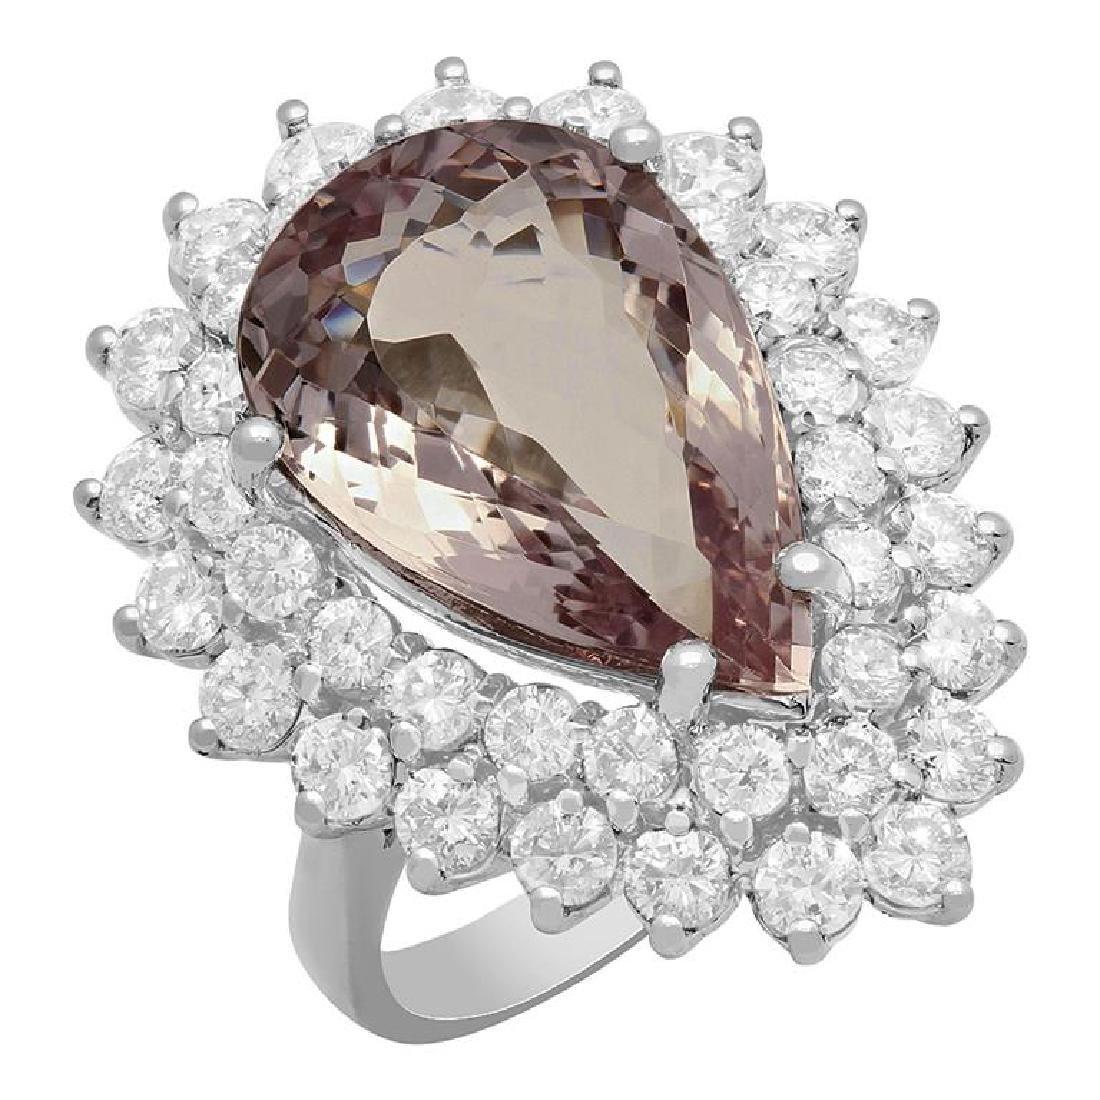 14k White Gold 7.62ct Kunzite 2.68ct Diamond Ring